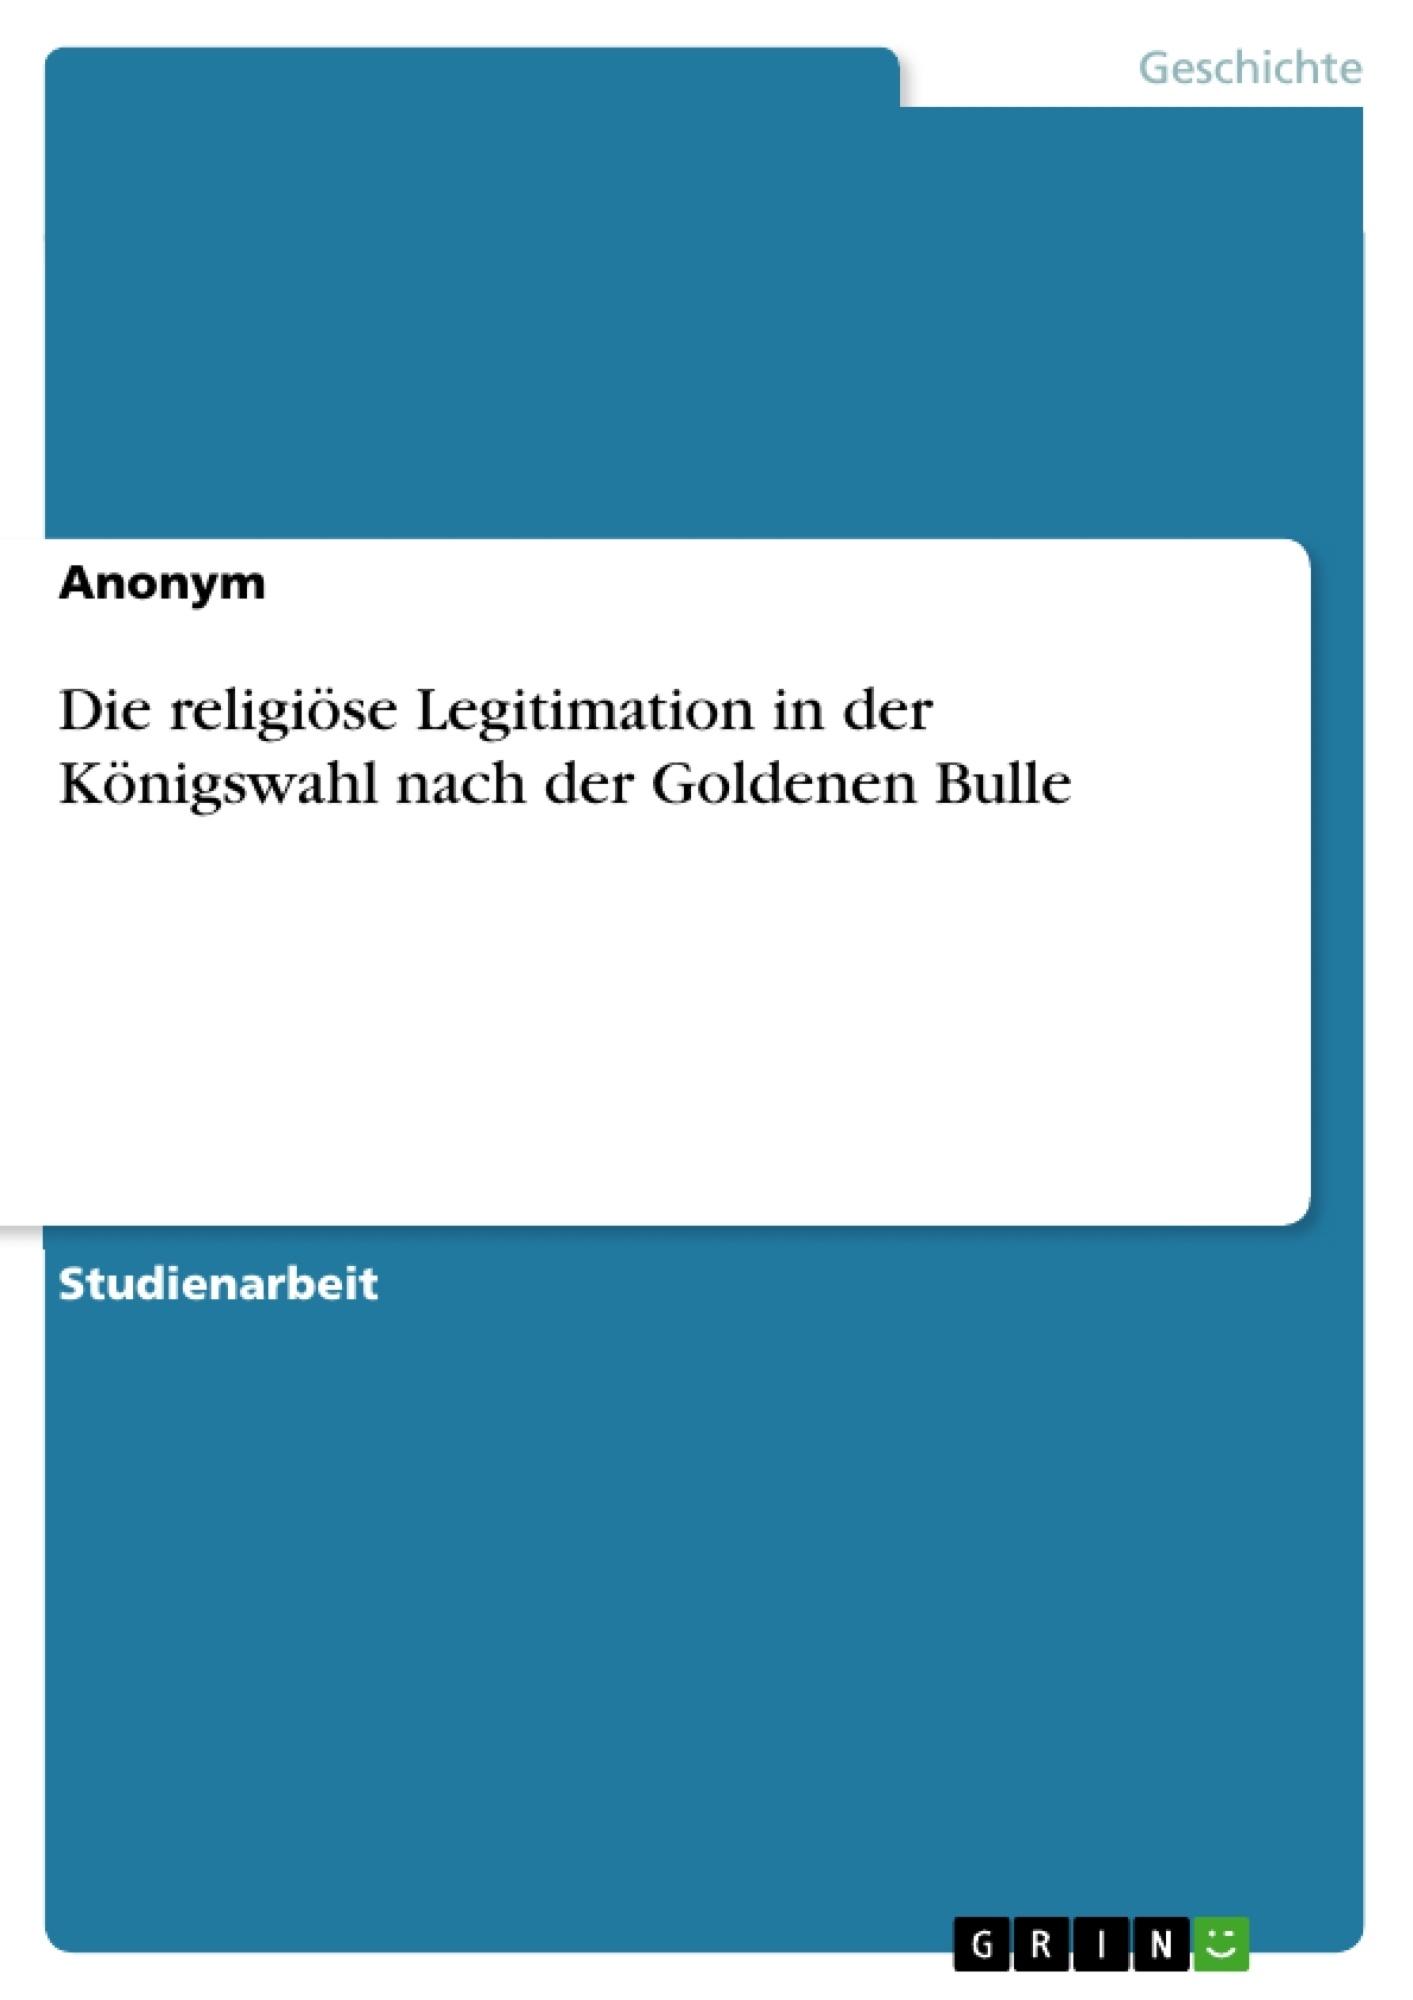 Titel: Die religiöse Legitimation in der Königswahl nach der Goldenen Bulle